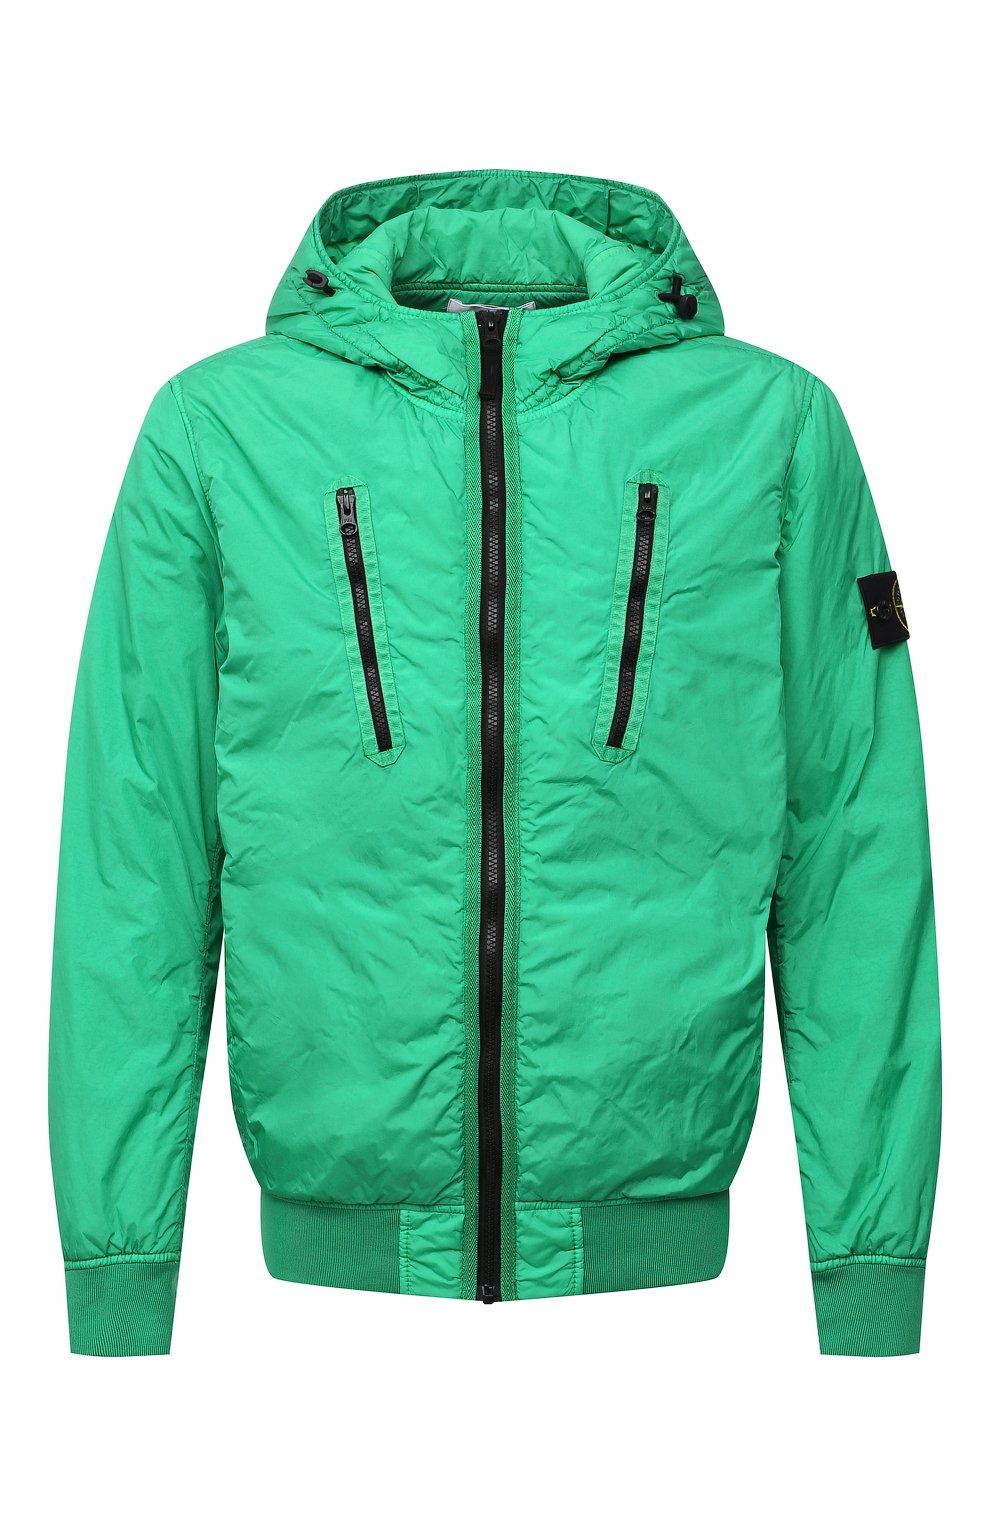 Мужской утепленный бомбер STONE ISLAND зеленого цвета, арт. 751542223   Фото 1 (Кросс-КТ: Куртка; Рукава: Длинные; Принт: Без принта; Материал внешний: Синтетический материал; Стили: Гранж; Мужское Кросс-КТ: утепленные куртки; Материал подклада: Синтетический материал; Длина (верхняя одежда): Короткие)